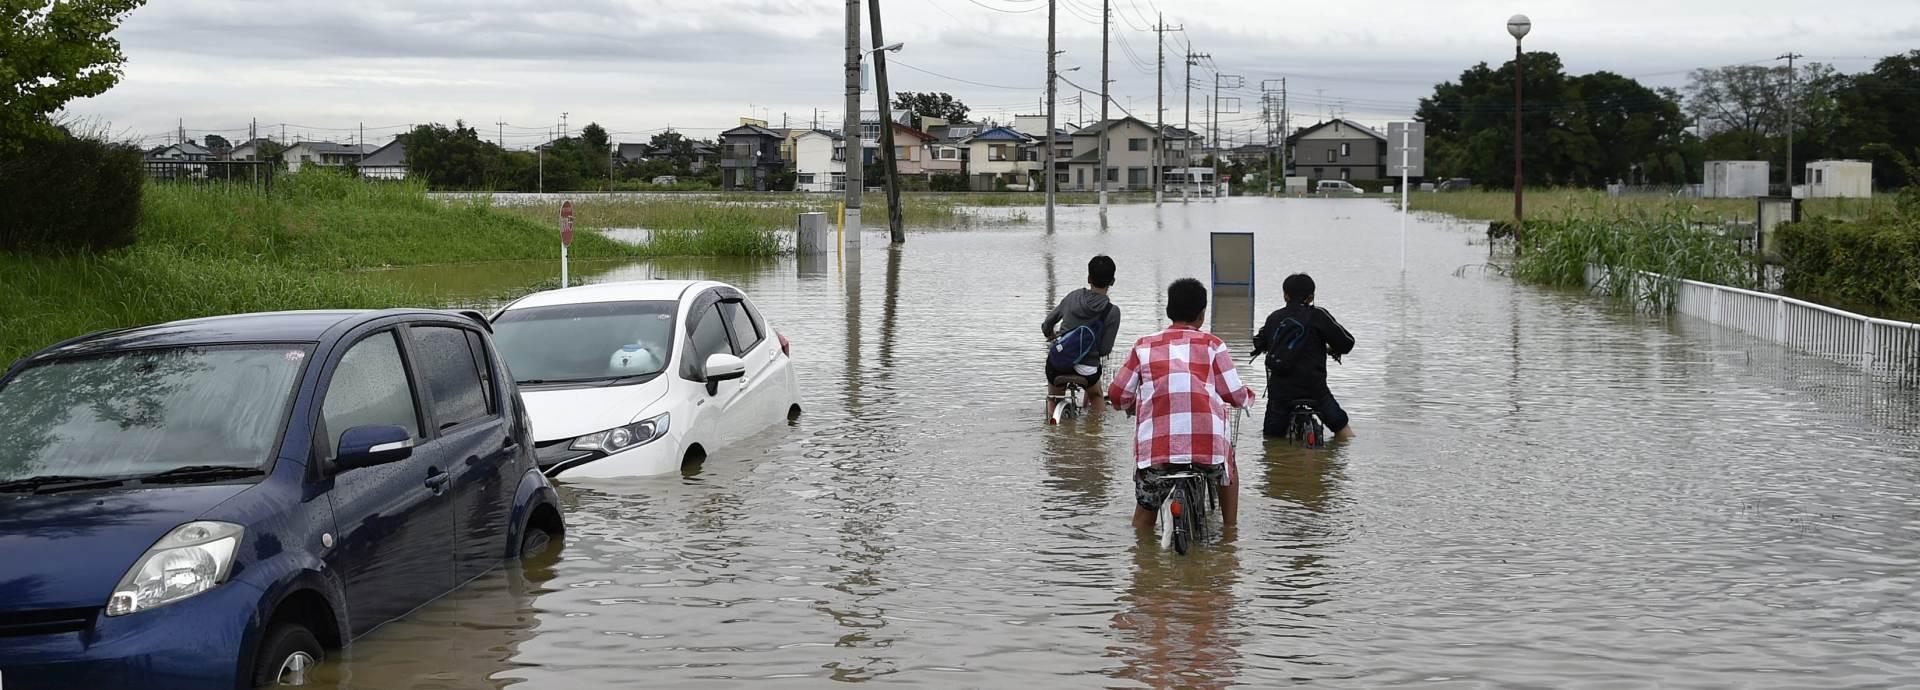 CIKLON KILO: Poplave pogodile Japan, 25 nestalih, 100 tisuća evakuiranih